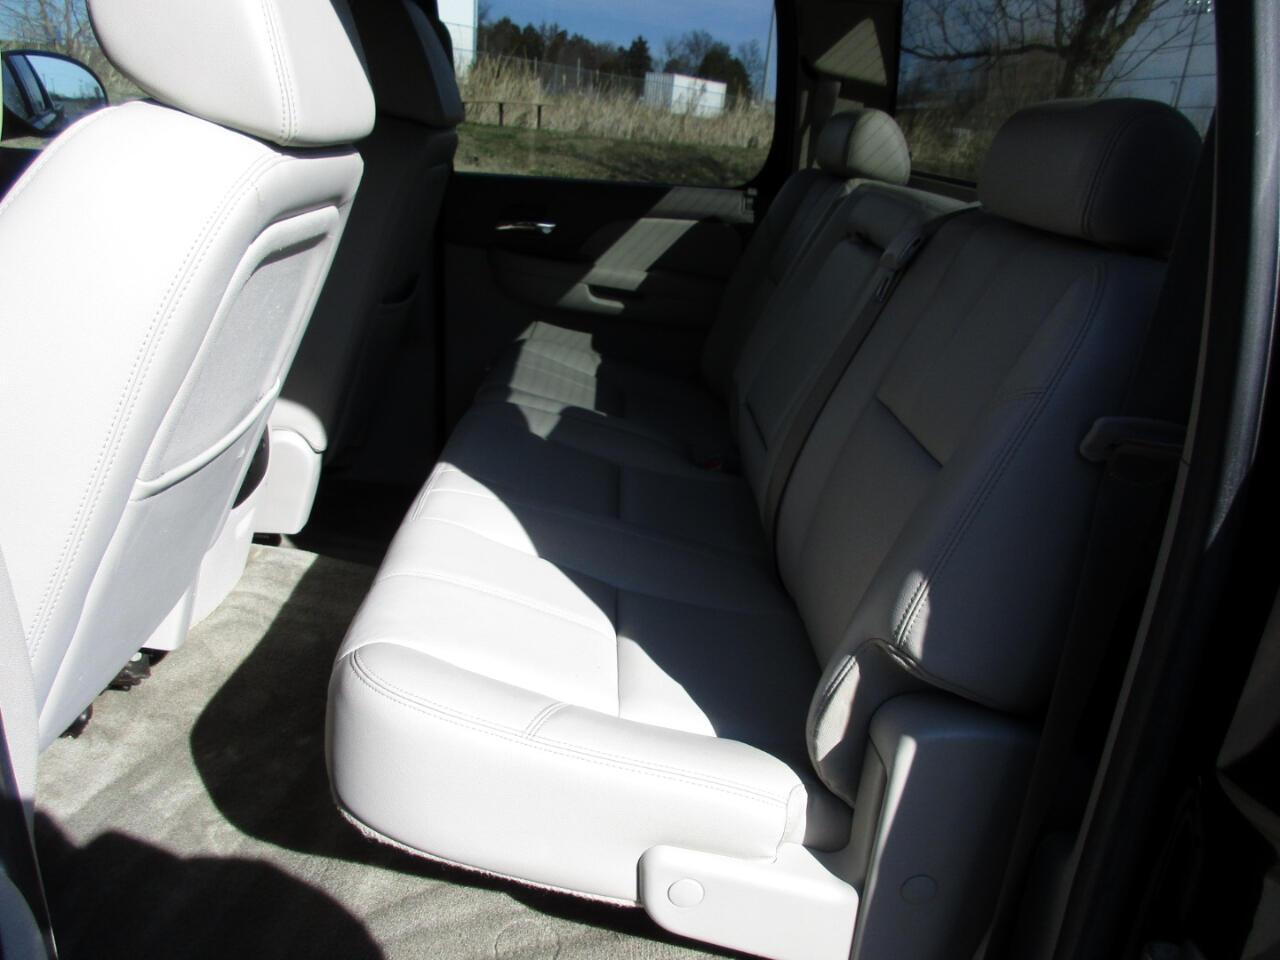 2008 GMC Sierra 1500 4WD Crew Cab 143.5